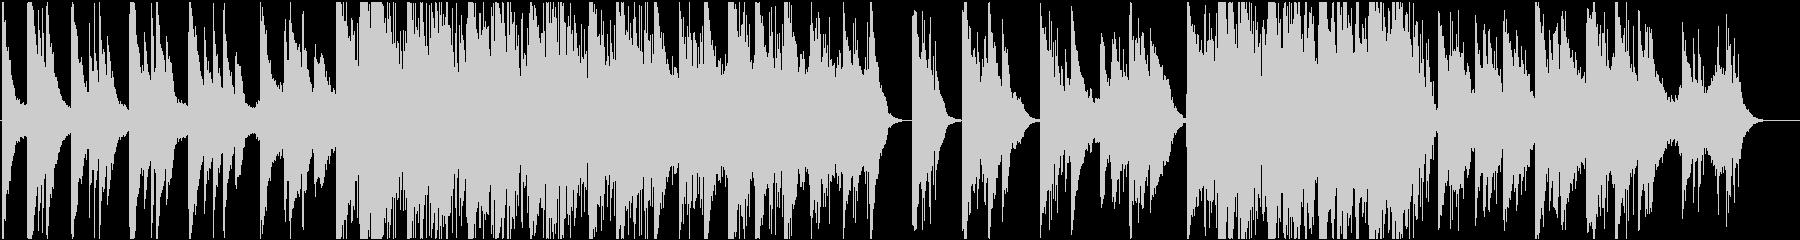 ピアノが印象的なインスタレーション音楽2の未再生の波形